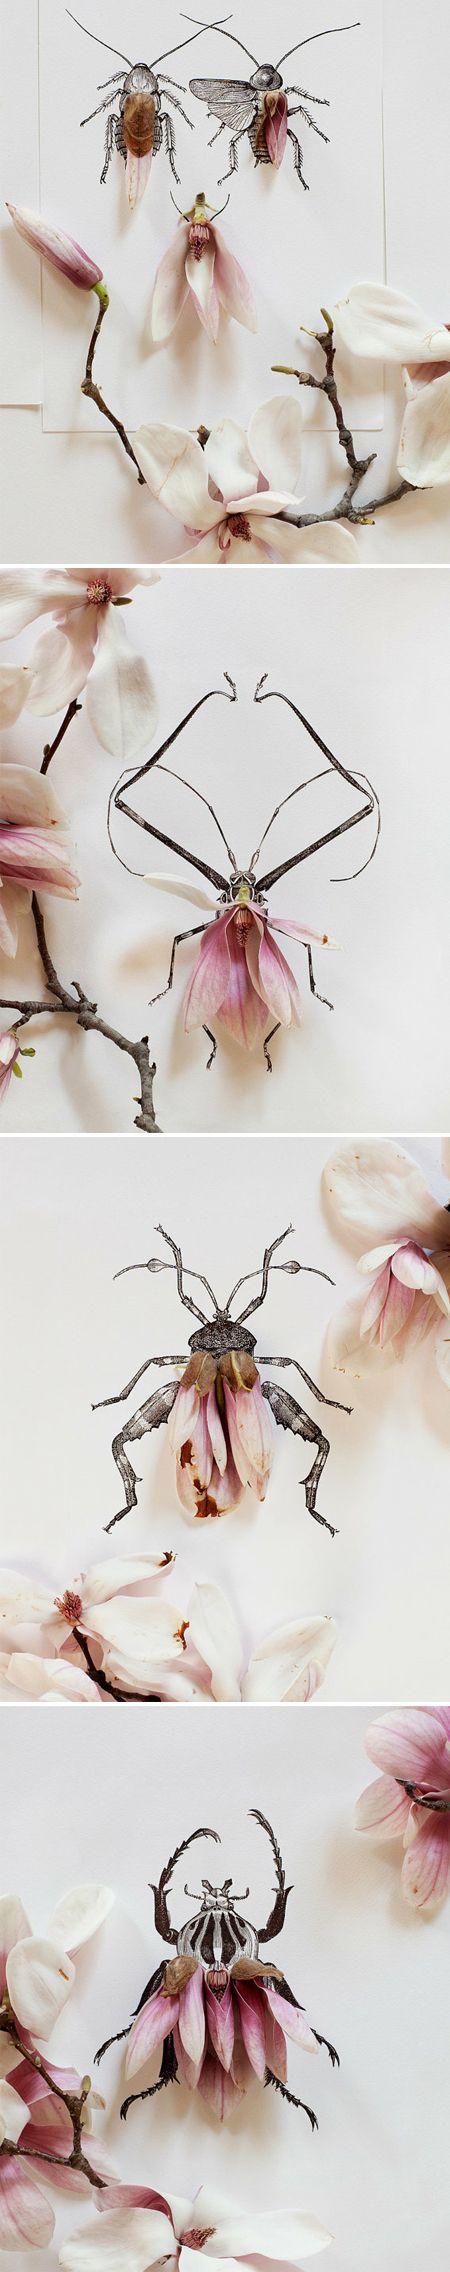 pink magnolia petals & black ink beetles by Kari Herer